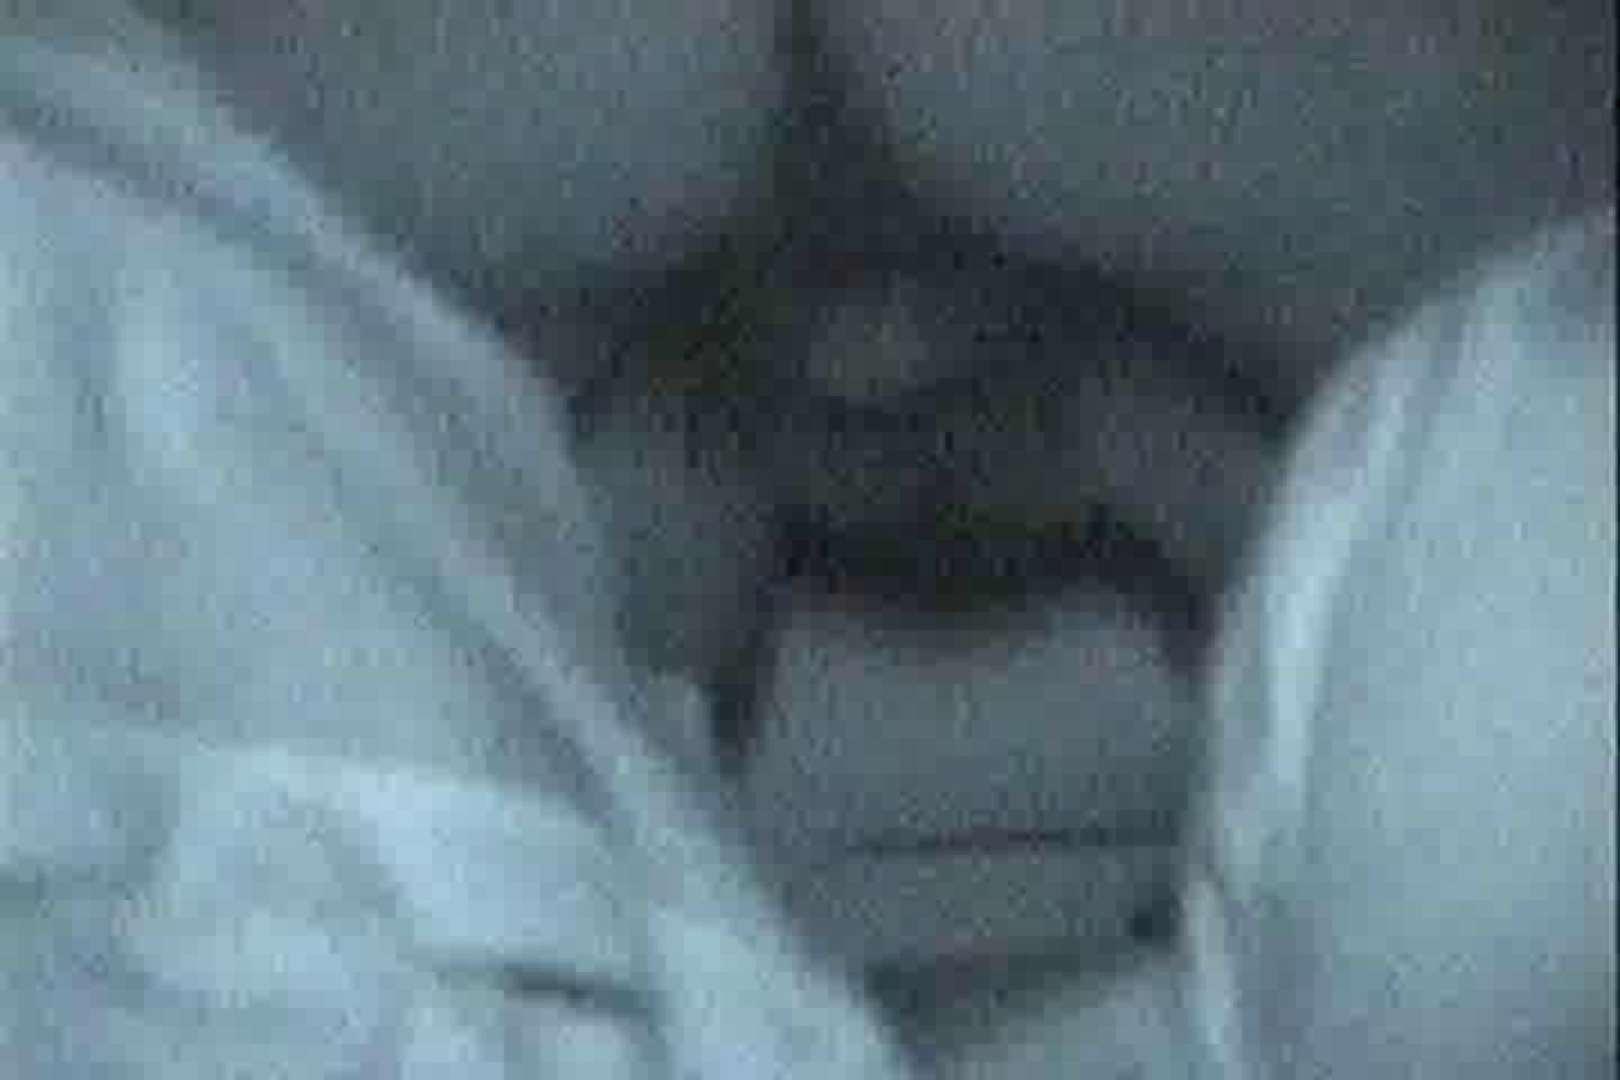 充血監督の深夜の運動会Vol.14 濃厚セックス オメコ動画キャプチャ 106PICs 106